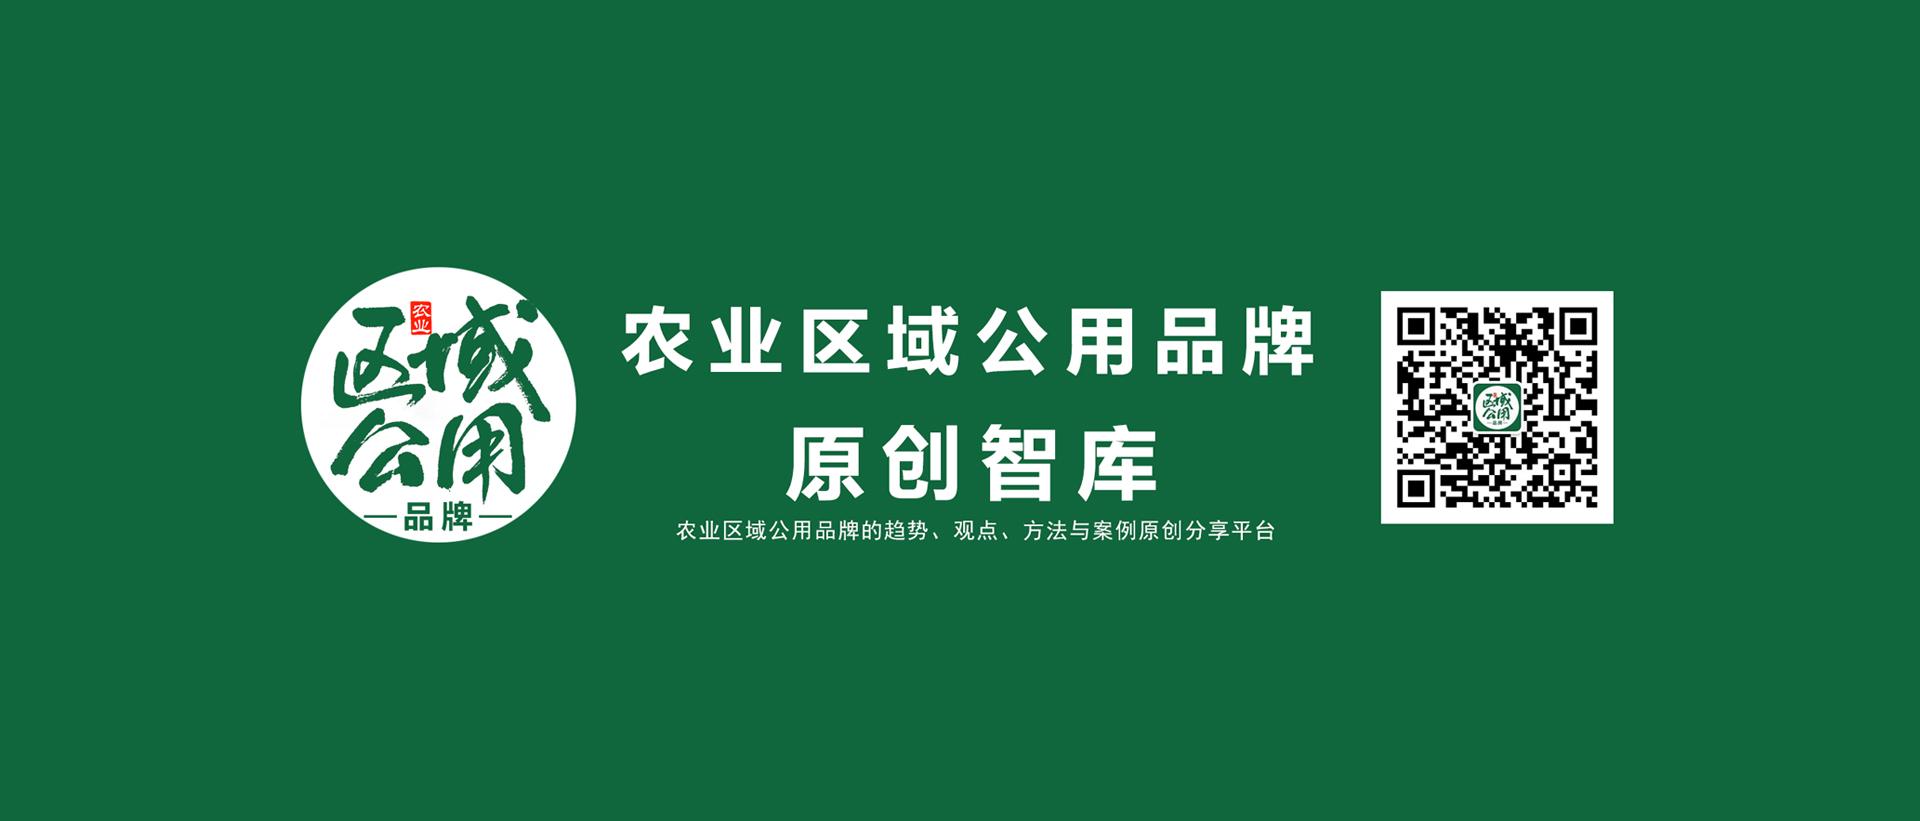 农产品区域ld乐动体育 主页品牌研究中心